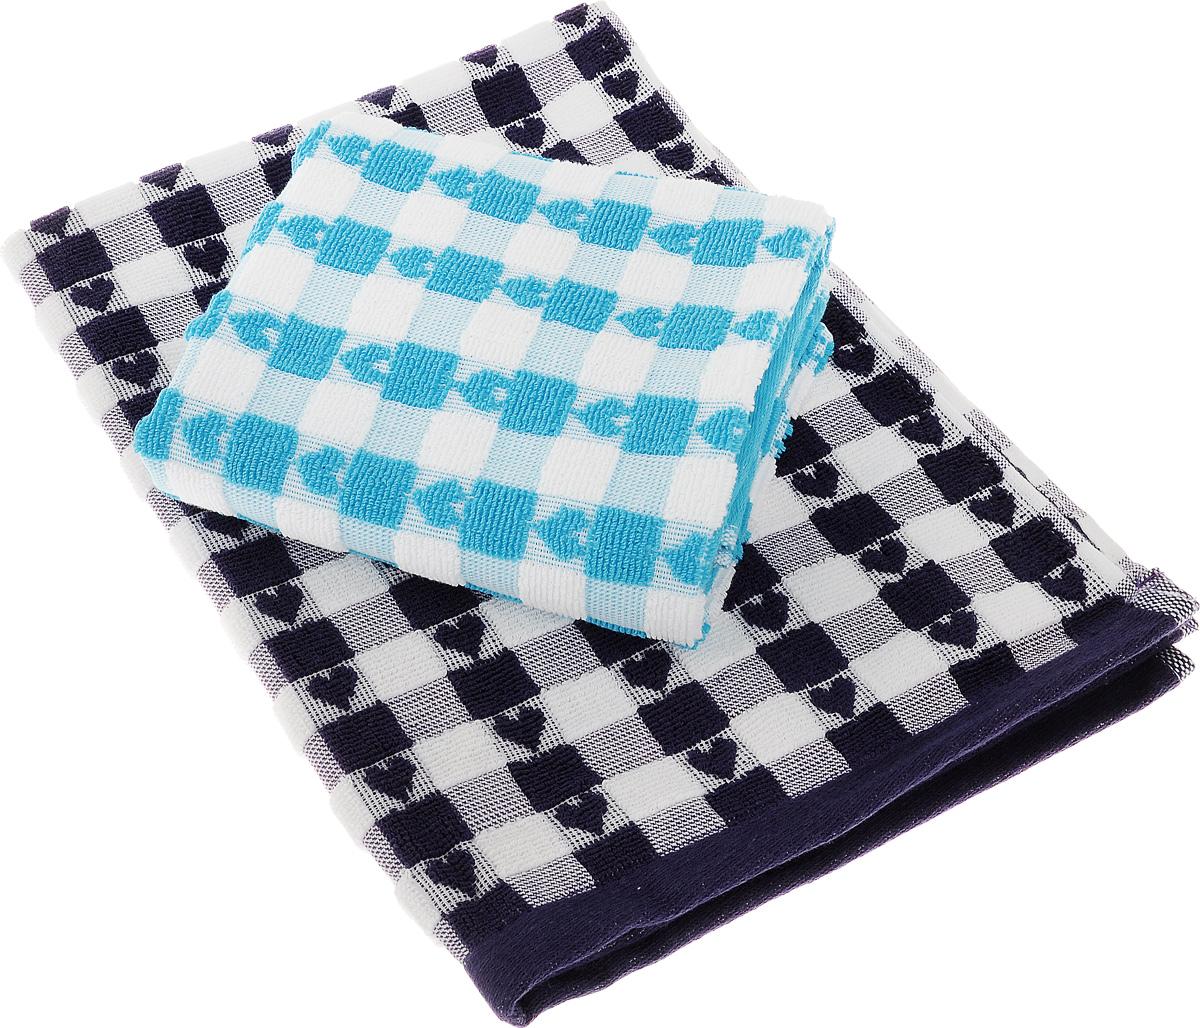 Набор кухонных полотенец Toalla Сердечки, цвет: фиолетовый, голубой, 50 x 70 см, 2 штВетерок 2ГФНабор Toalla Сердечки состоит из двух прямоугольных полотенец, выполненных из 100% хлопка. Изделия предназначены для использования на кухне и в столовой.Набор полотенец Toalla Сердечки - отличное приобретение для каждой хозяйки.Комплектация: 2 шт.